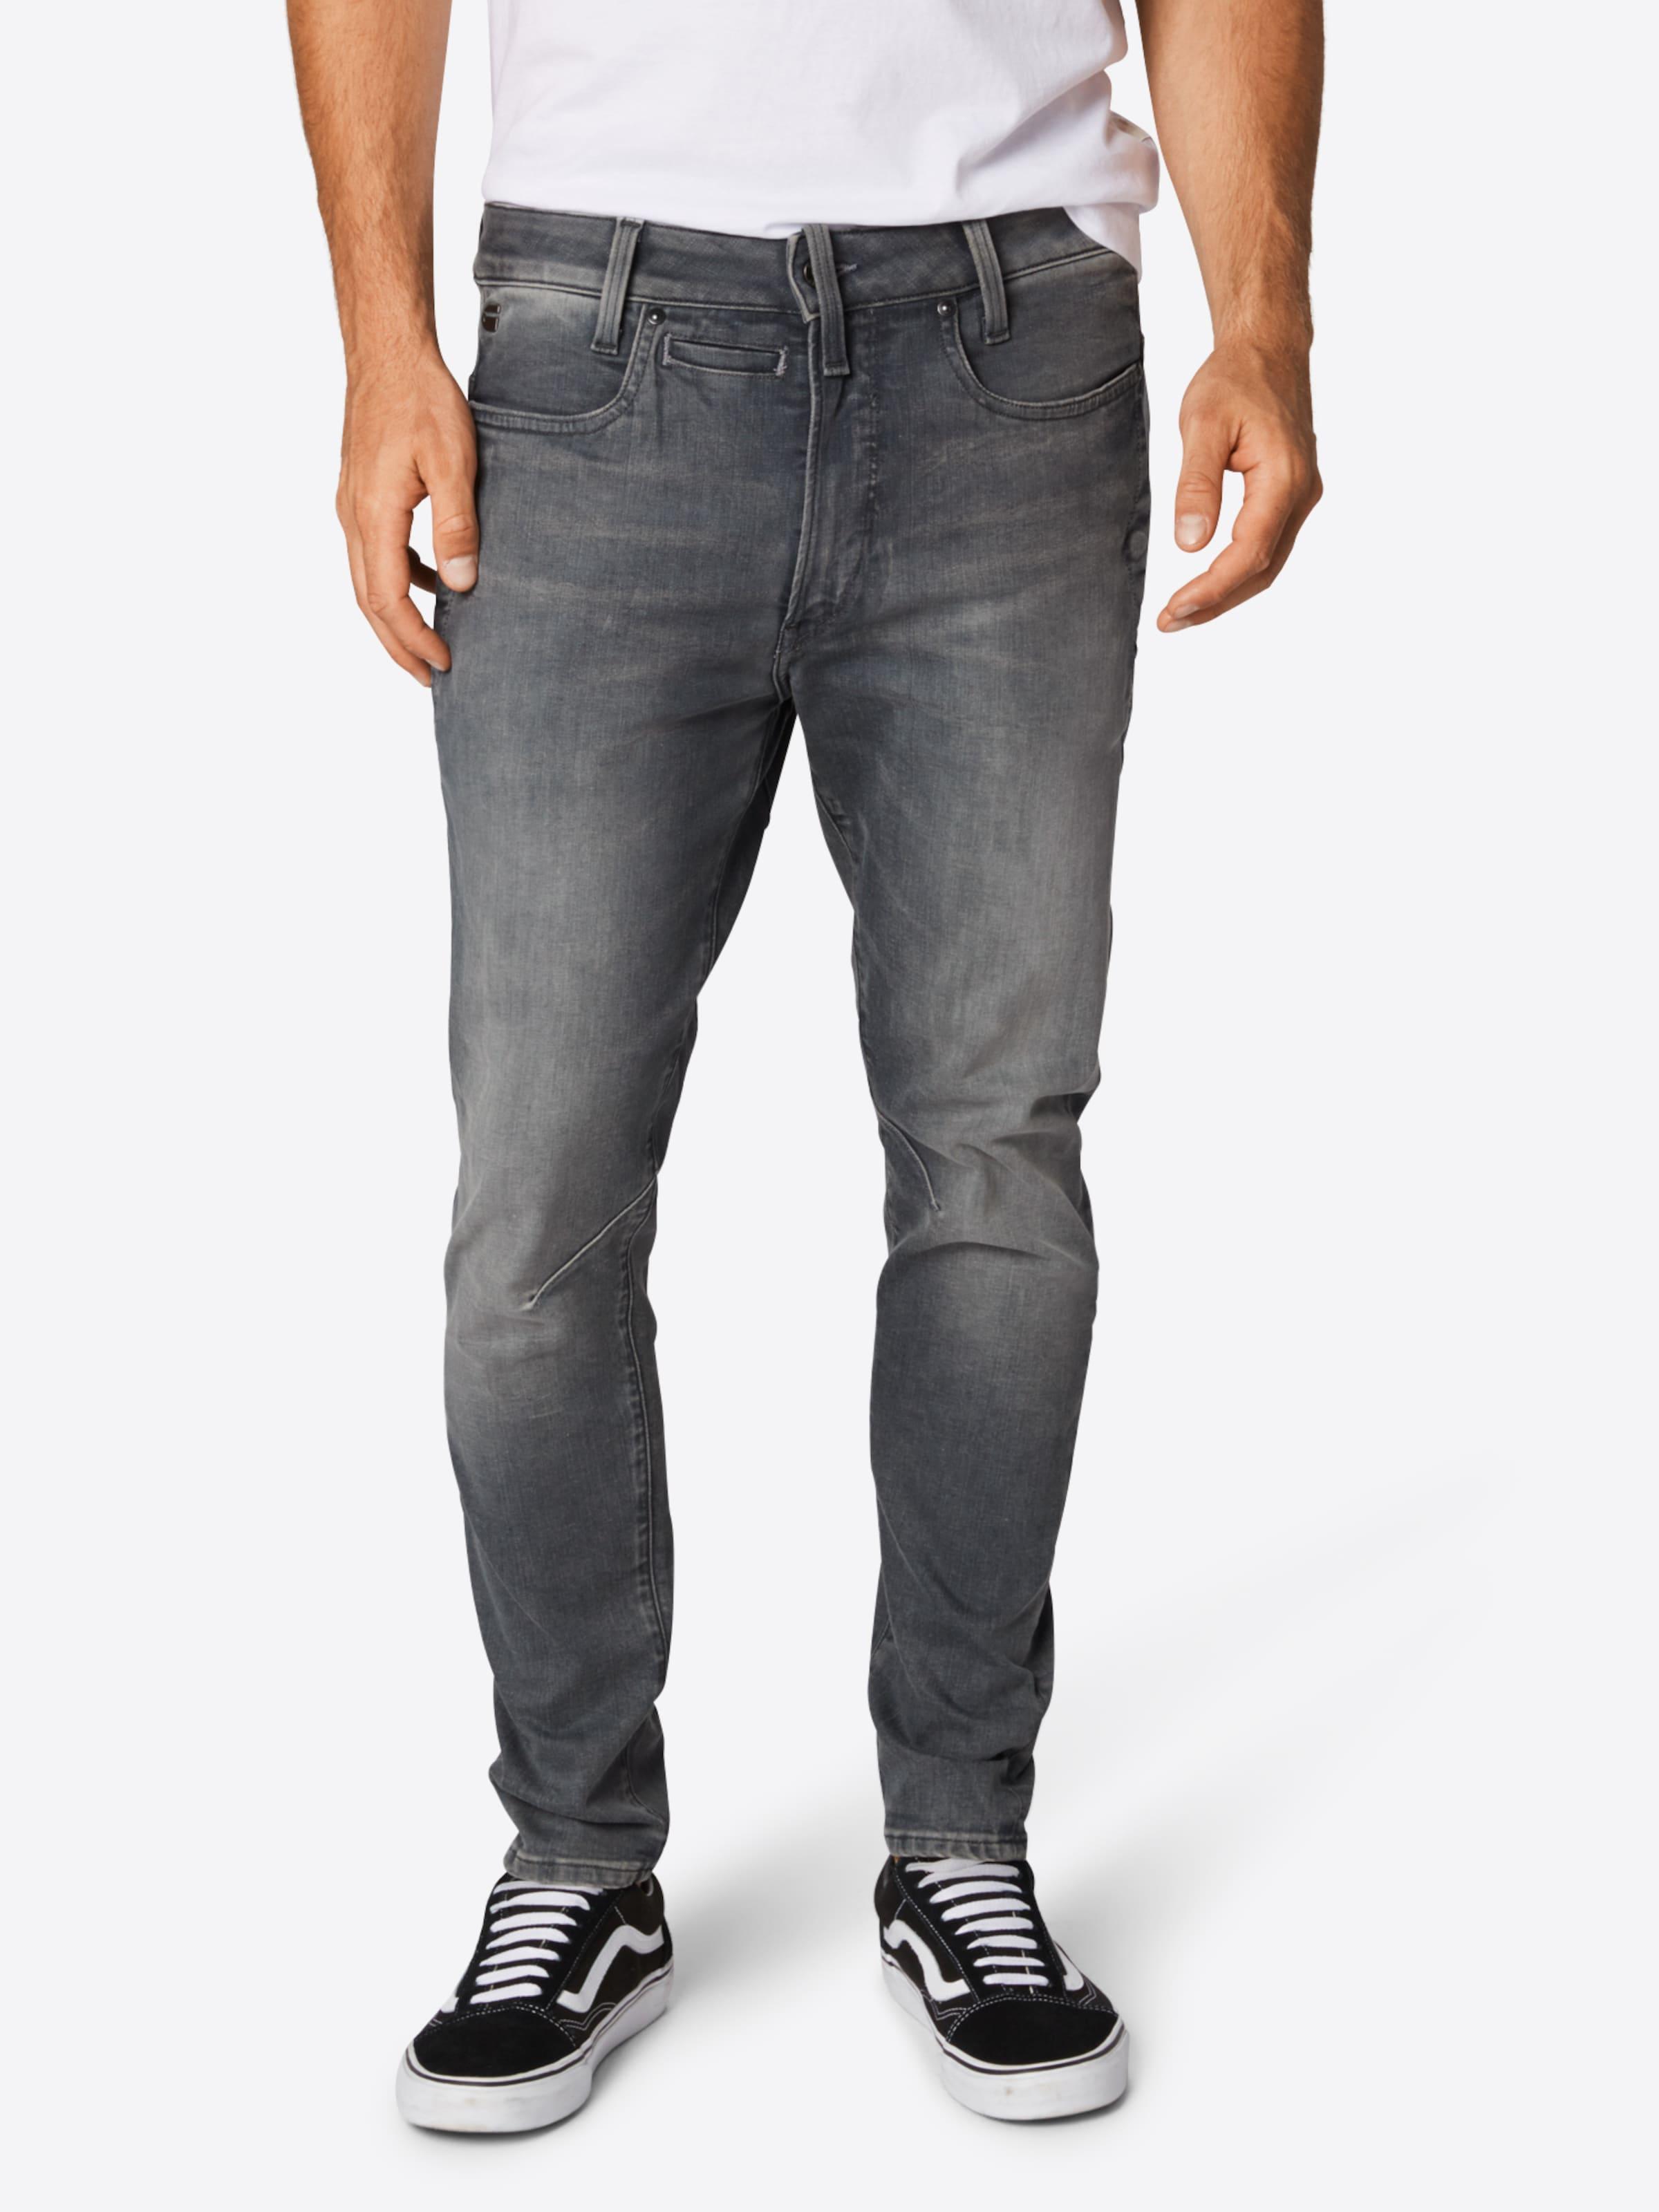 Denim 'd Grey star Jeans In 3d' Raw staq G 13lcTKJF